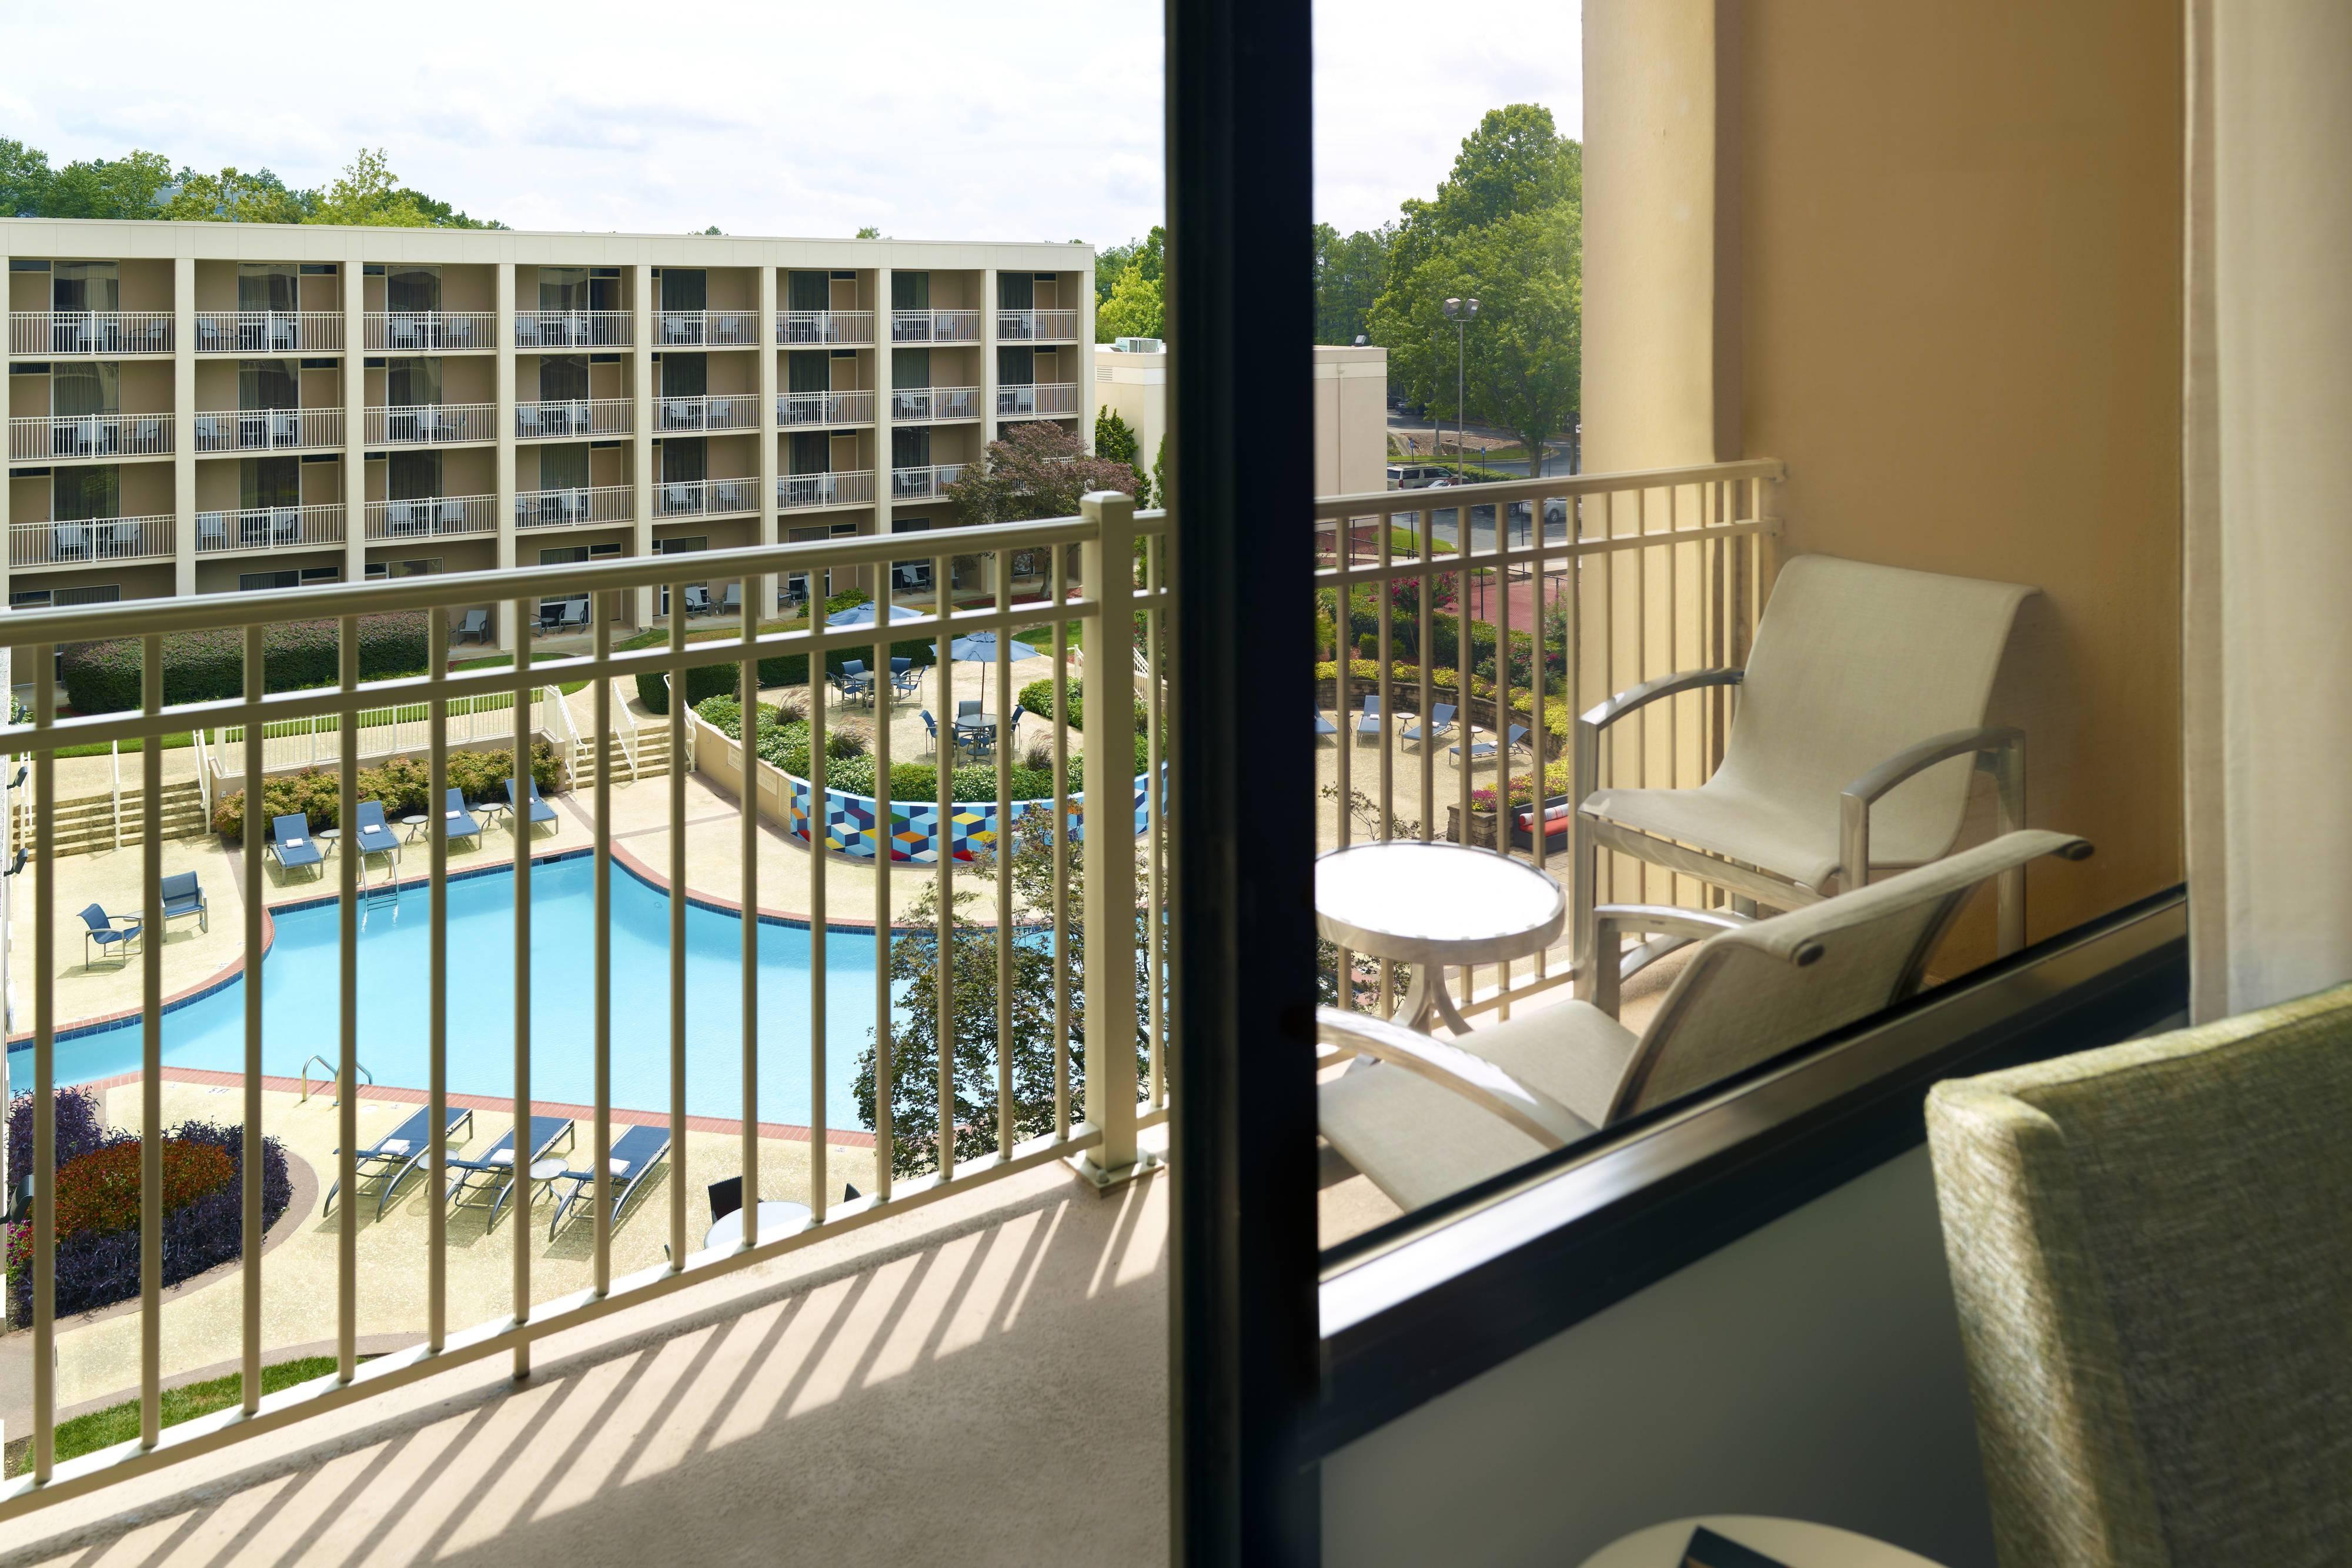 Habitación con vista a la piscina desde el balcón - Vista